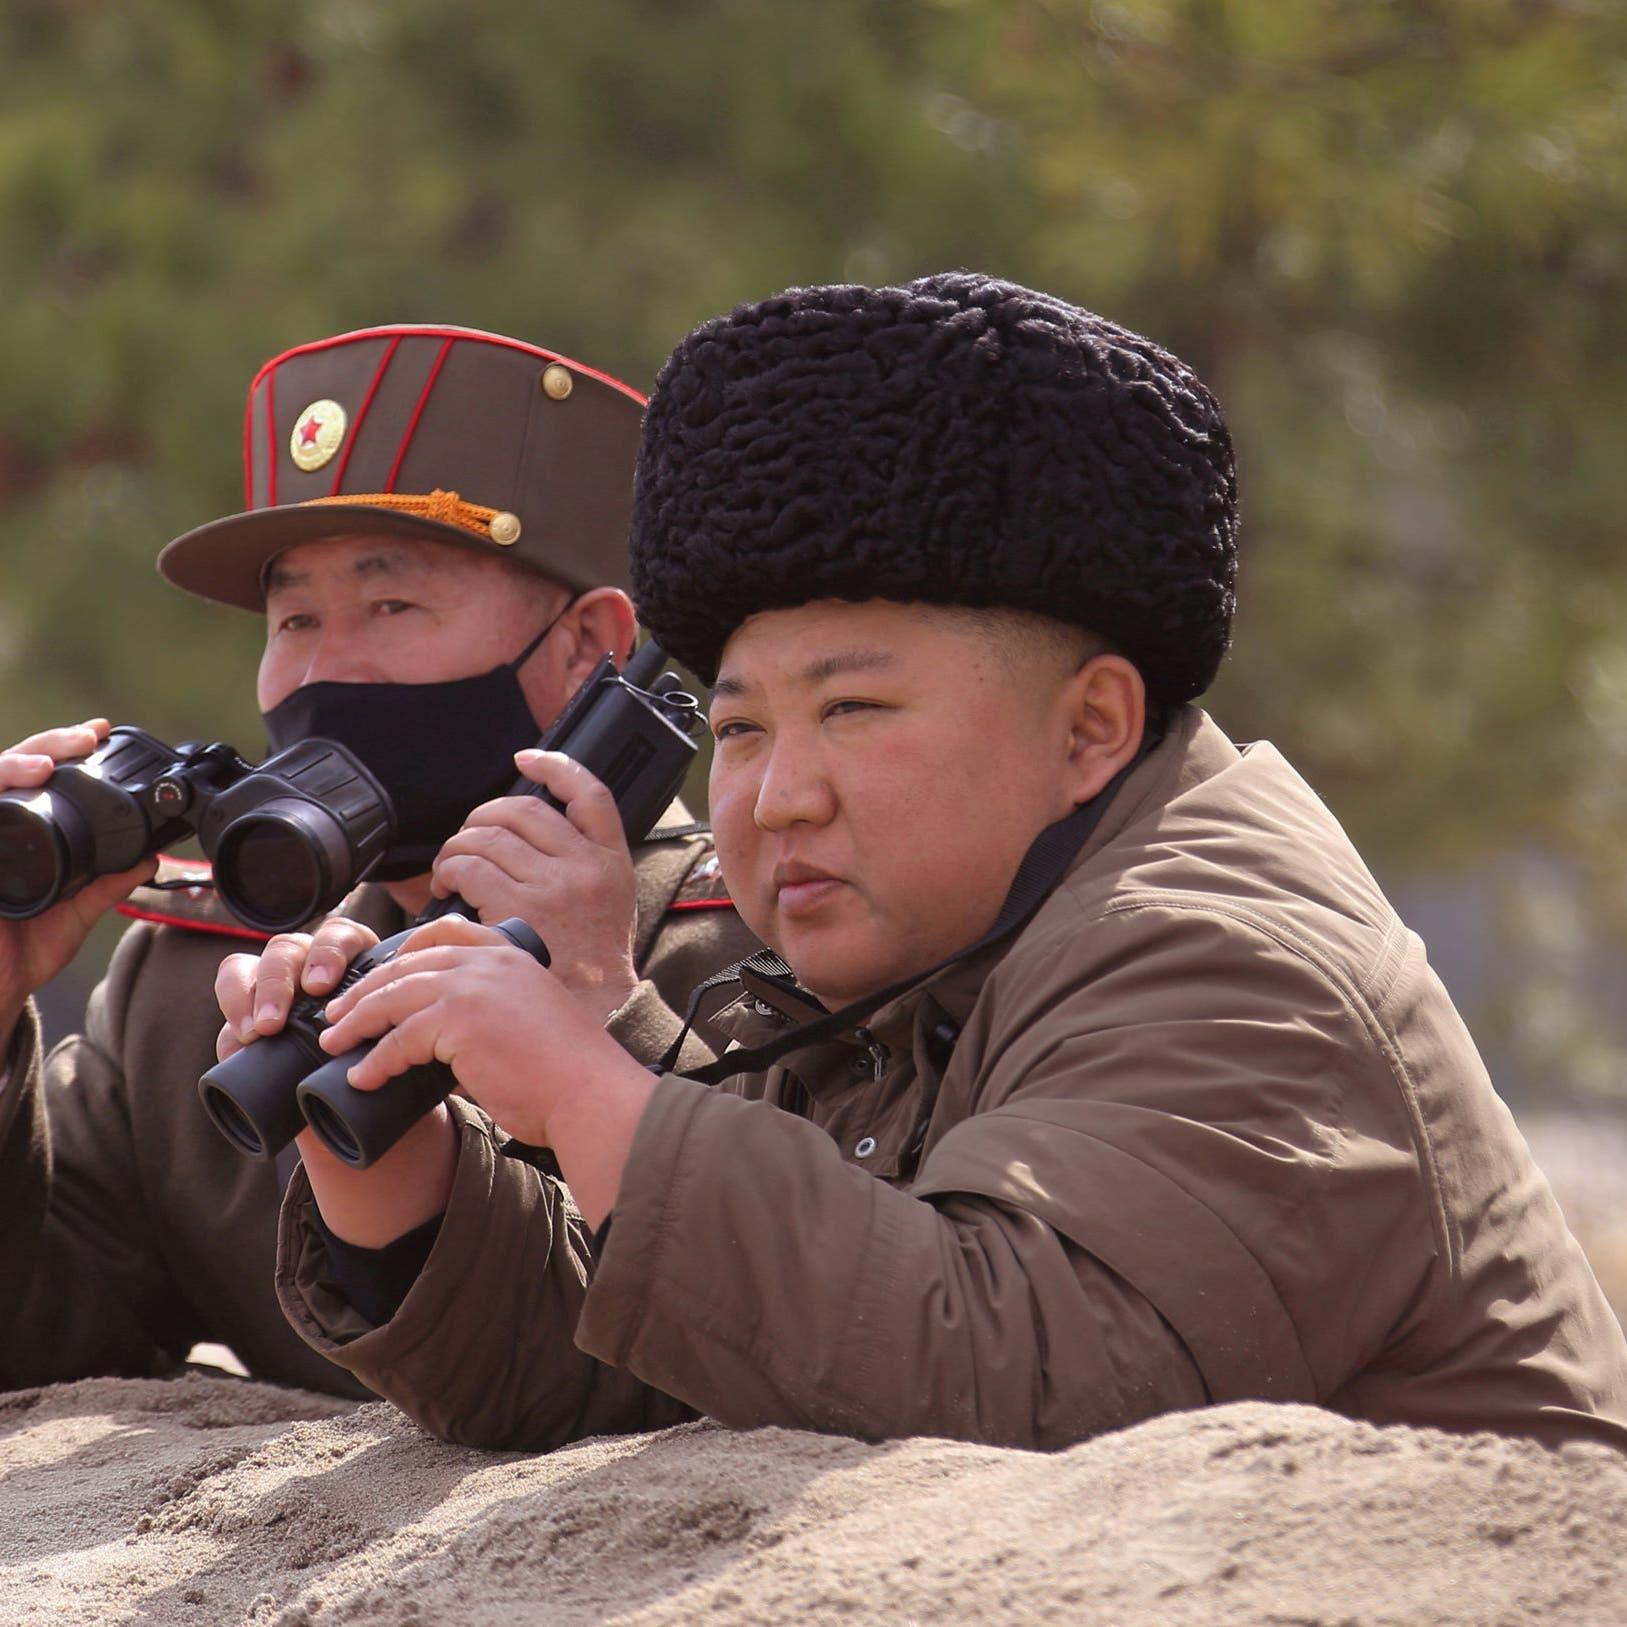 بلا وريث وبمشاكل بالقلب: ماذا سيحدث إذا مات كيم يونغ-أون؟